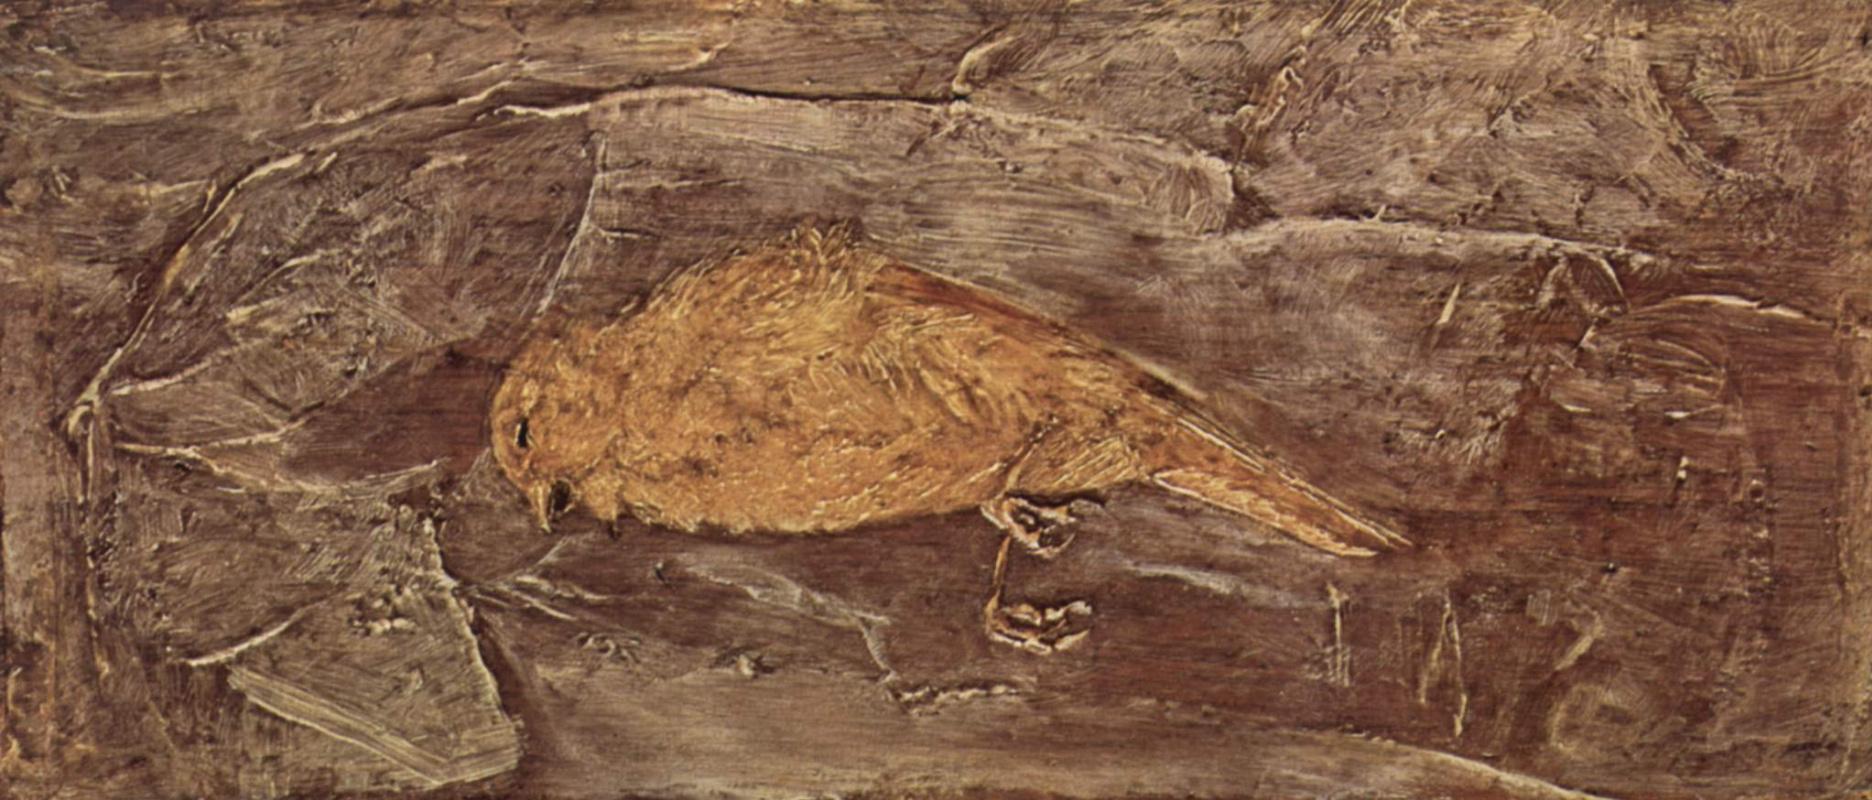 Алберт Пинкем Райдер. Мертвая птица